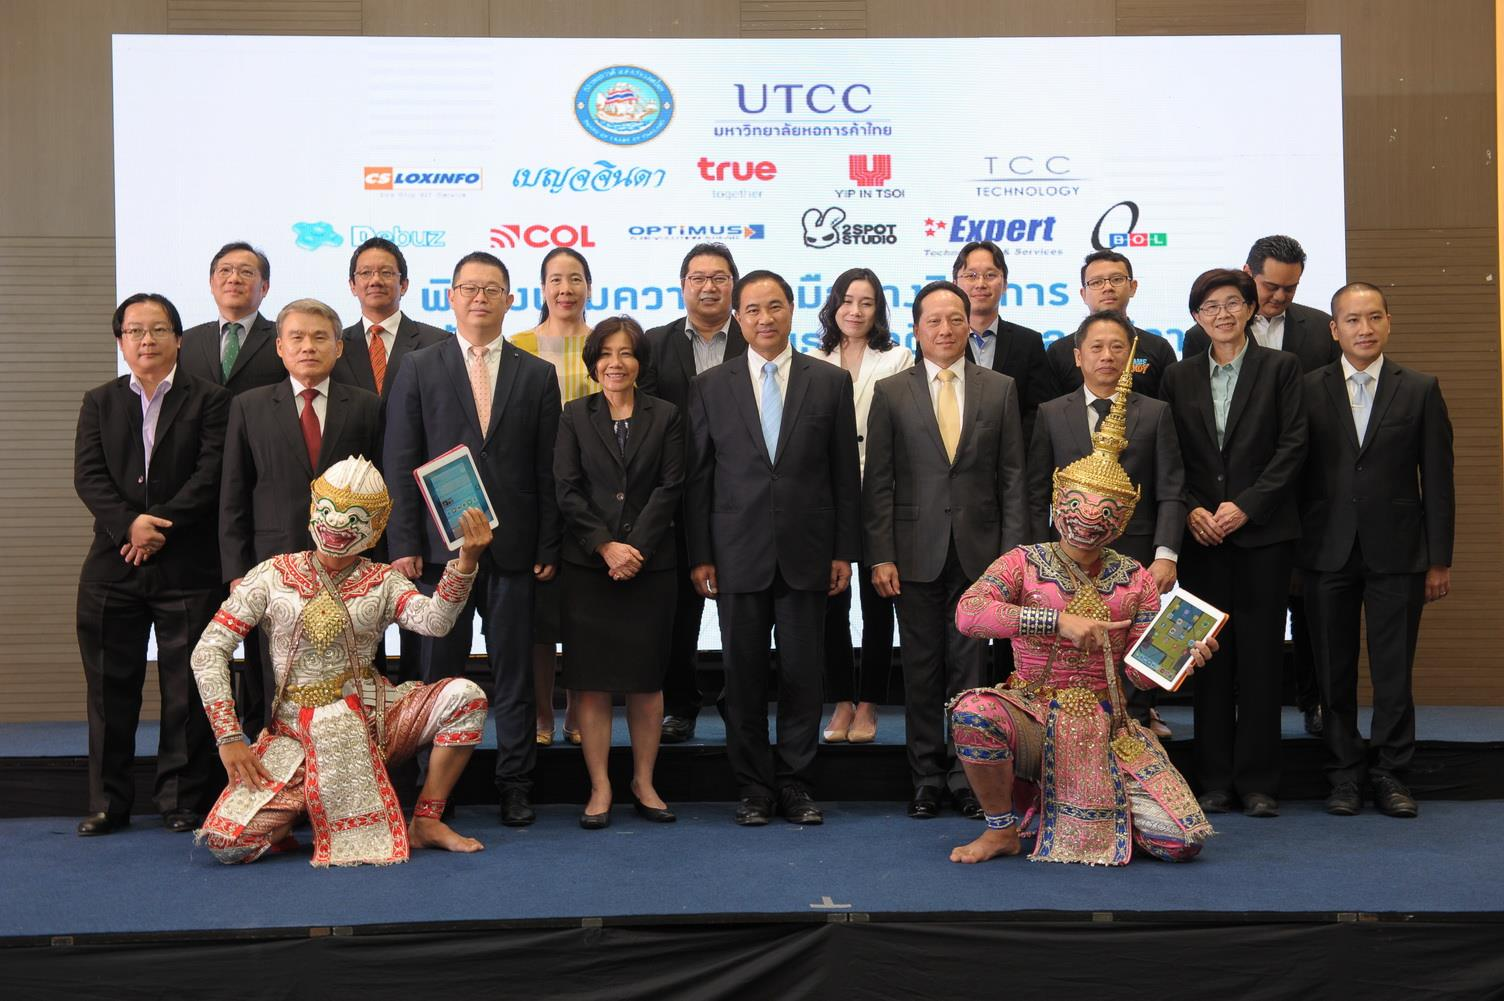 """""""ม.หอการค้าไทย"""" จับมือภาคเอกชน สร้างบัณฑิตพันธุ์ใหม่ ก้าวสู่Trade & Service"""